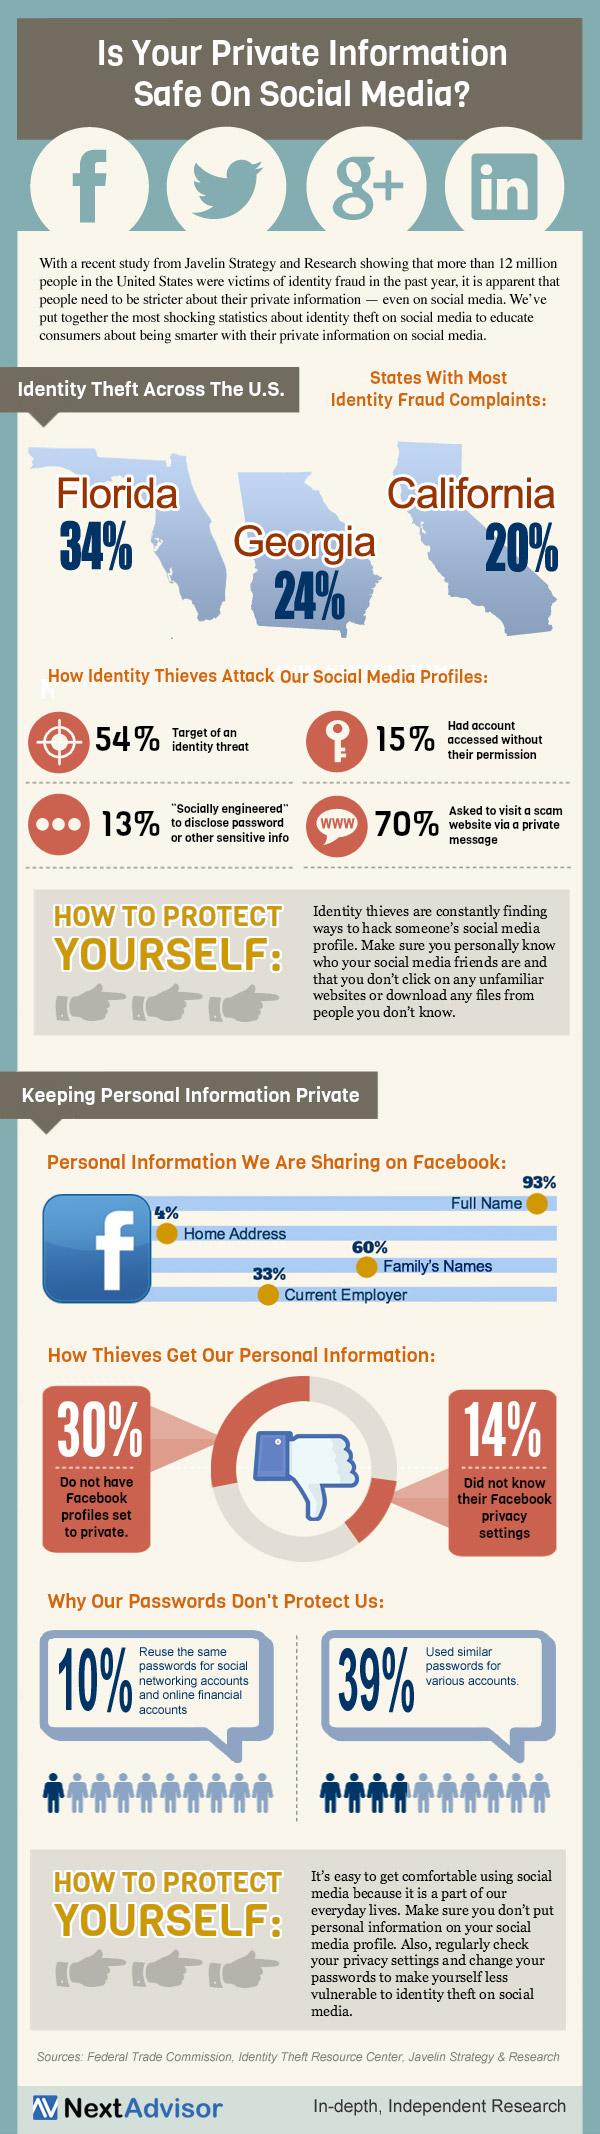 6na-infographic-v3-1m.jpg